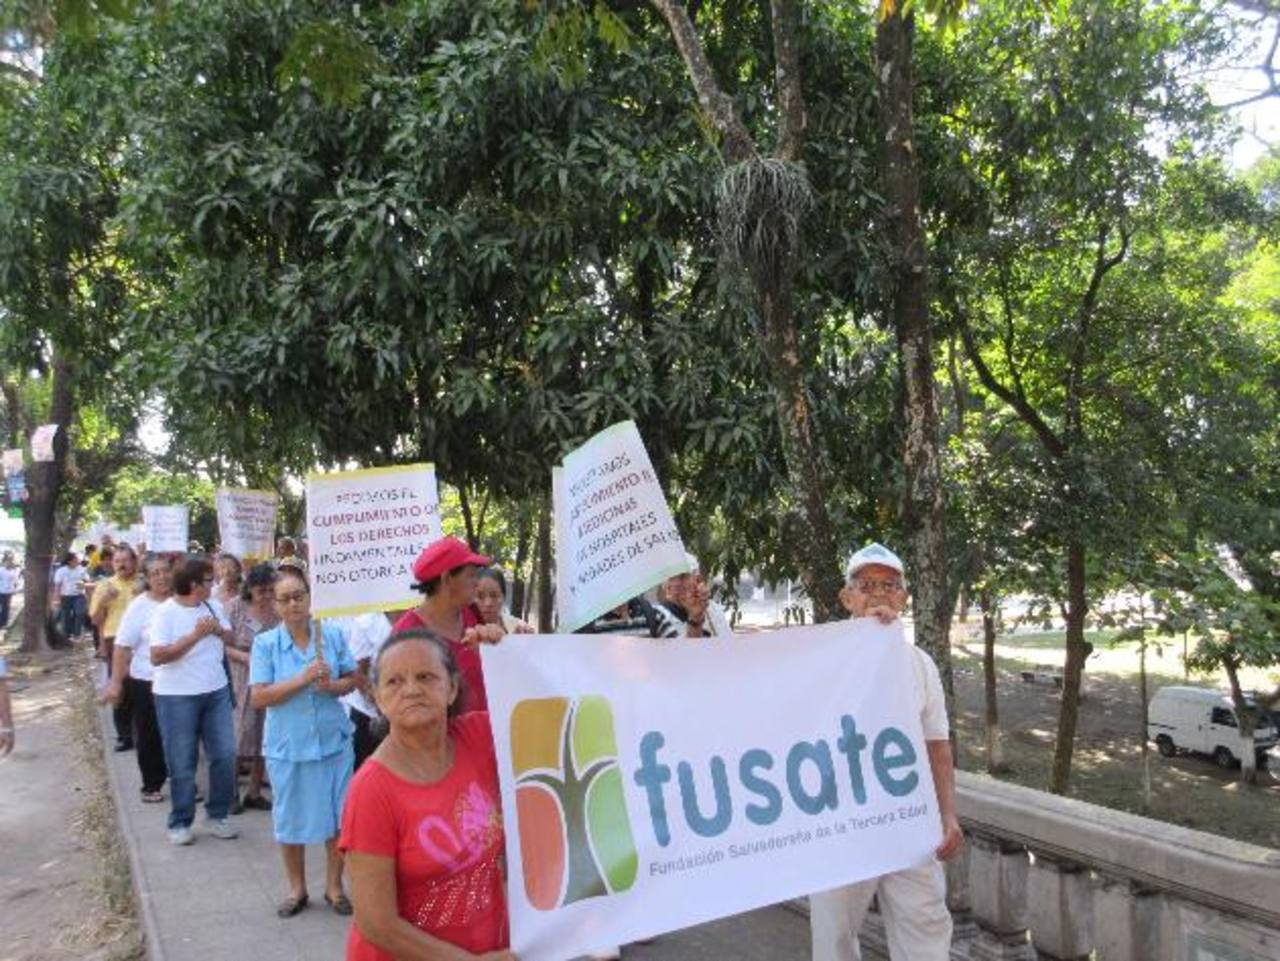 Los asistentes llegaron a la actividad con carteles alusivos a cumplir los derechos de la tercera edad. Foto EDH / cortesía